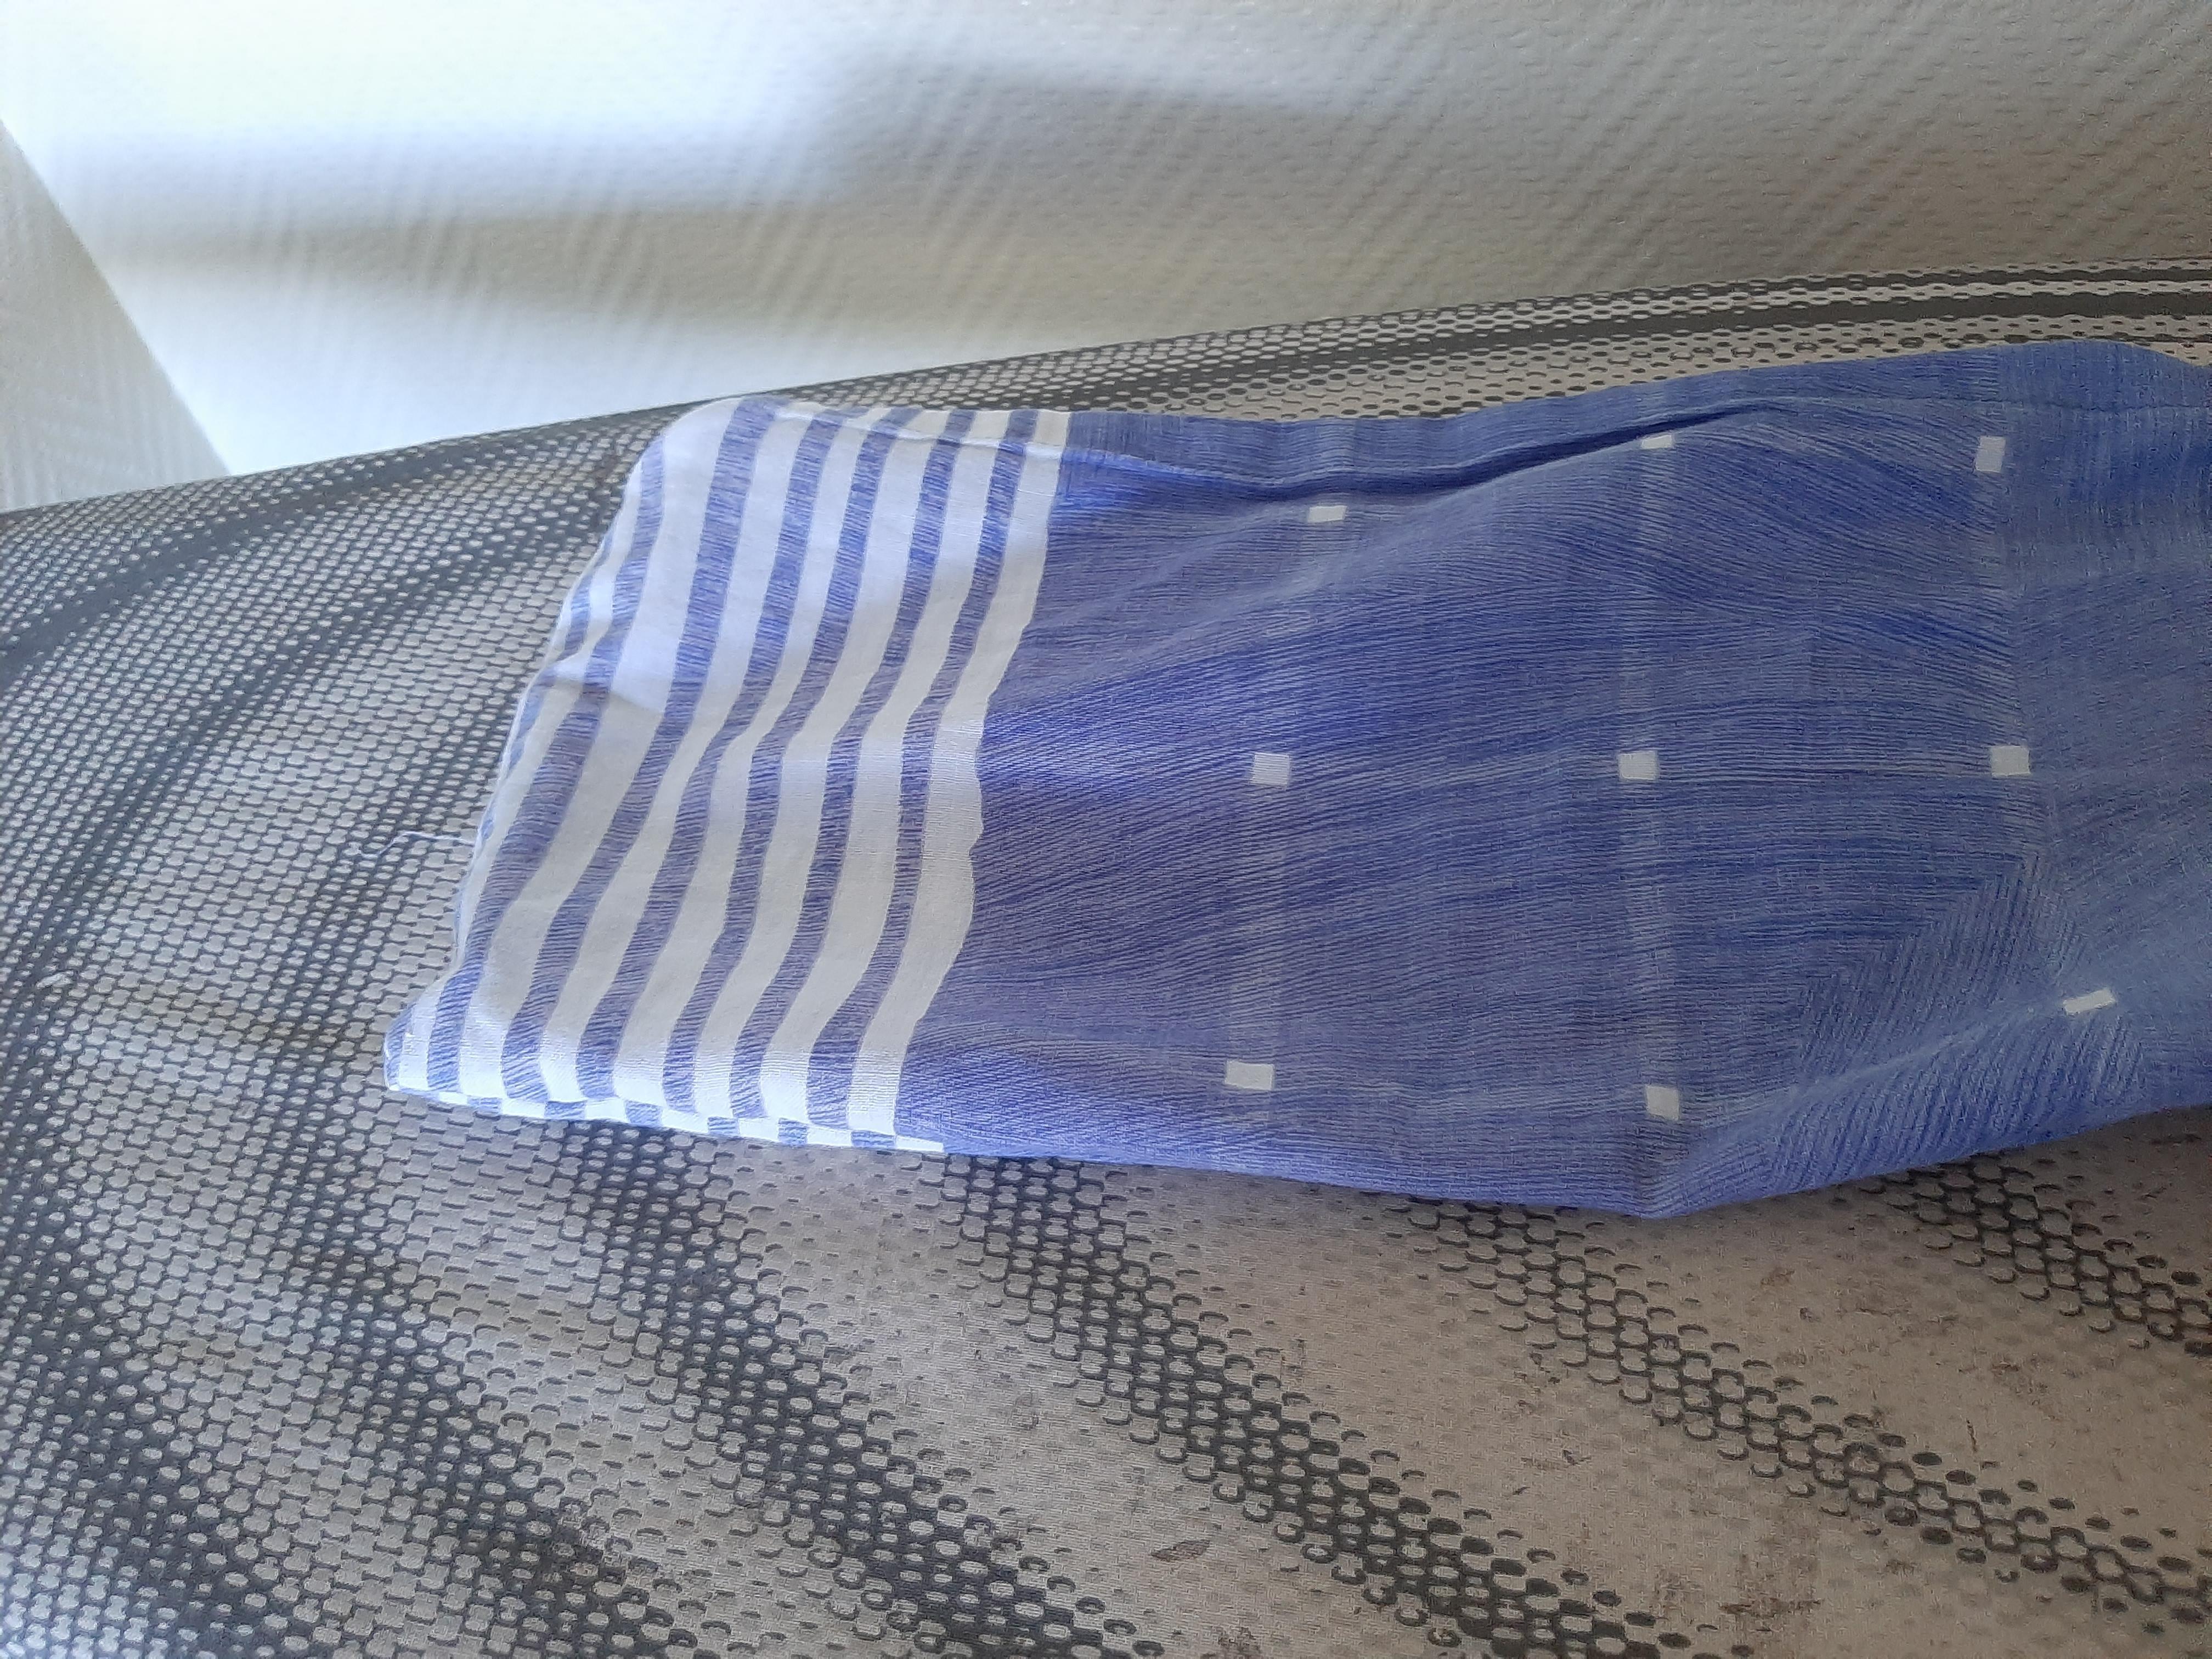 troc de troc sac à couches image 1